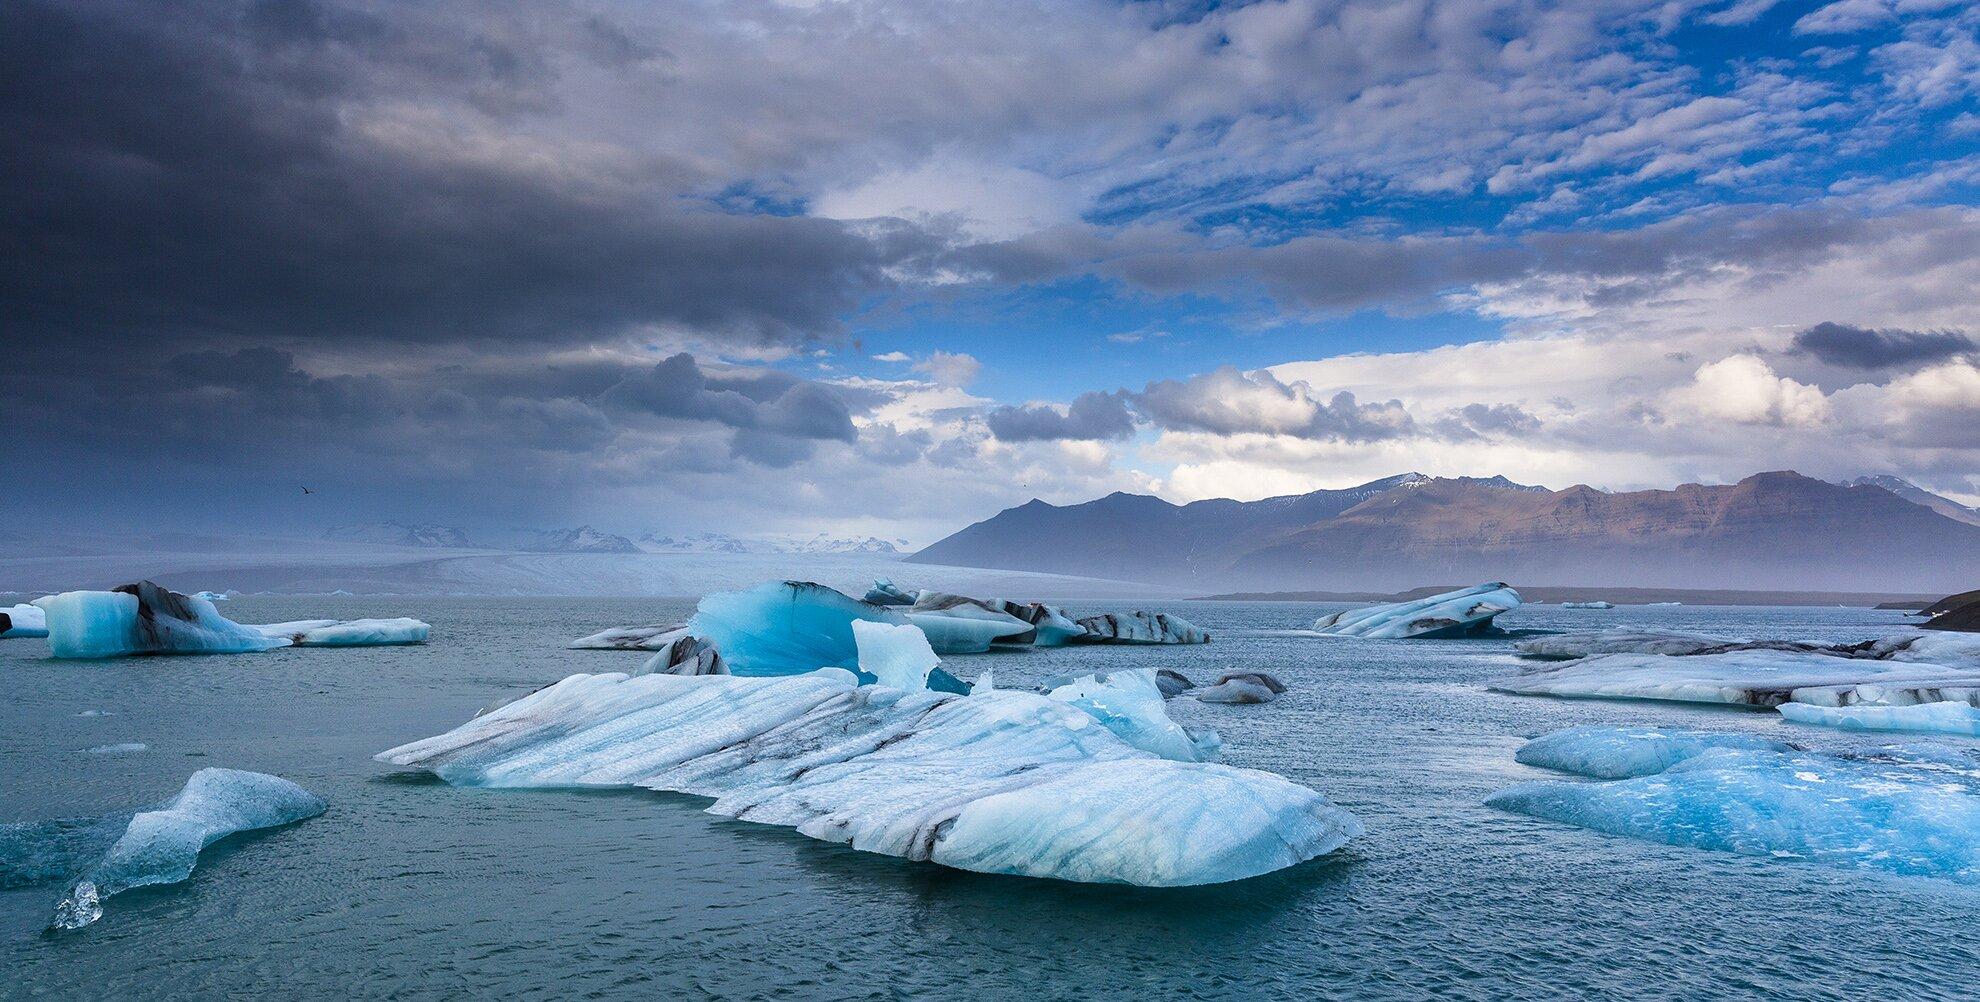 lodowiec zdjęcie Źródło: licencja: CC 0.